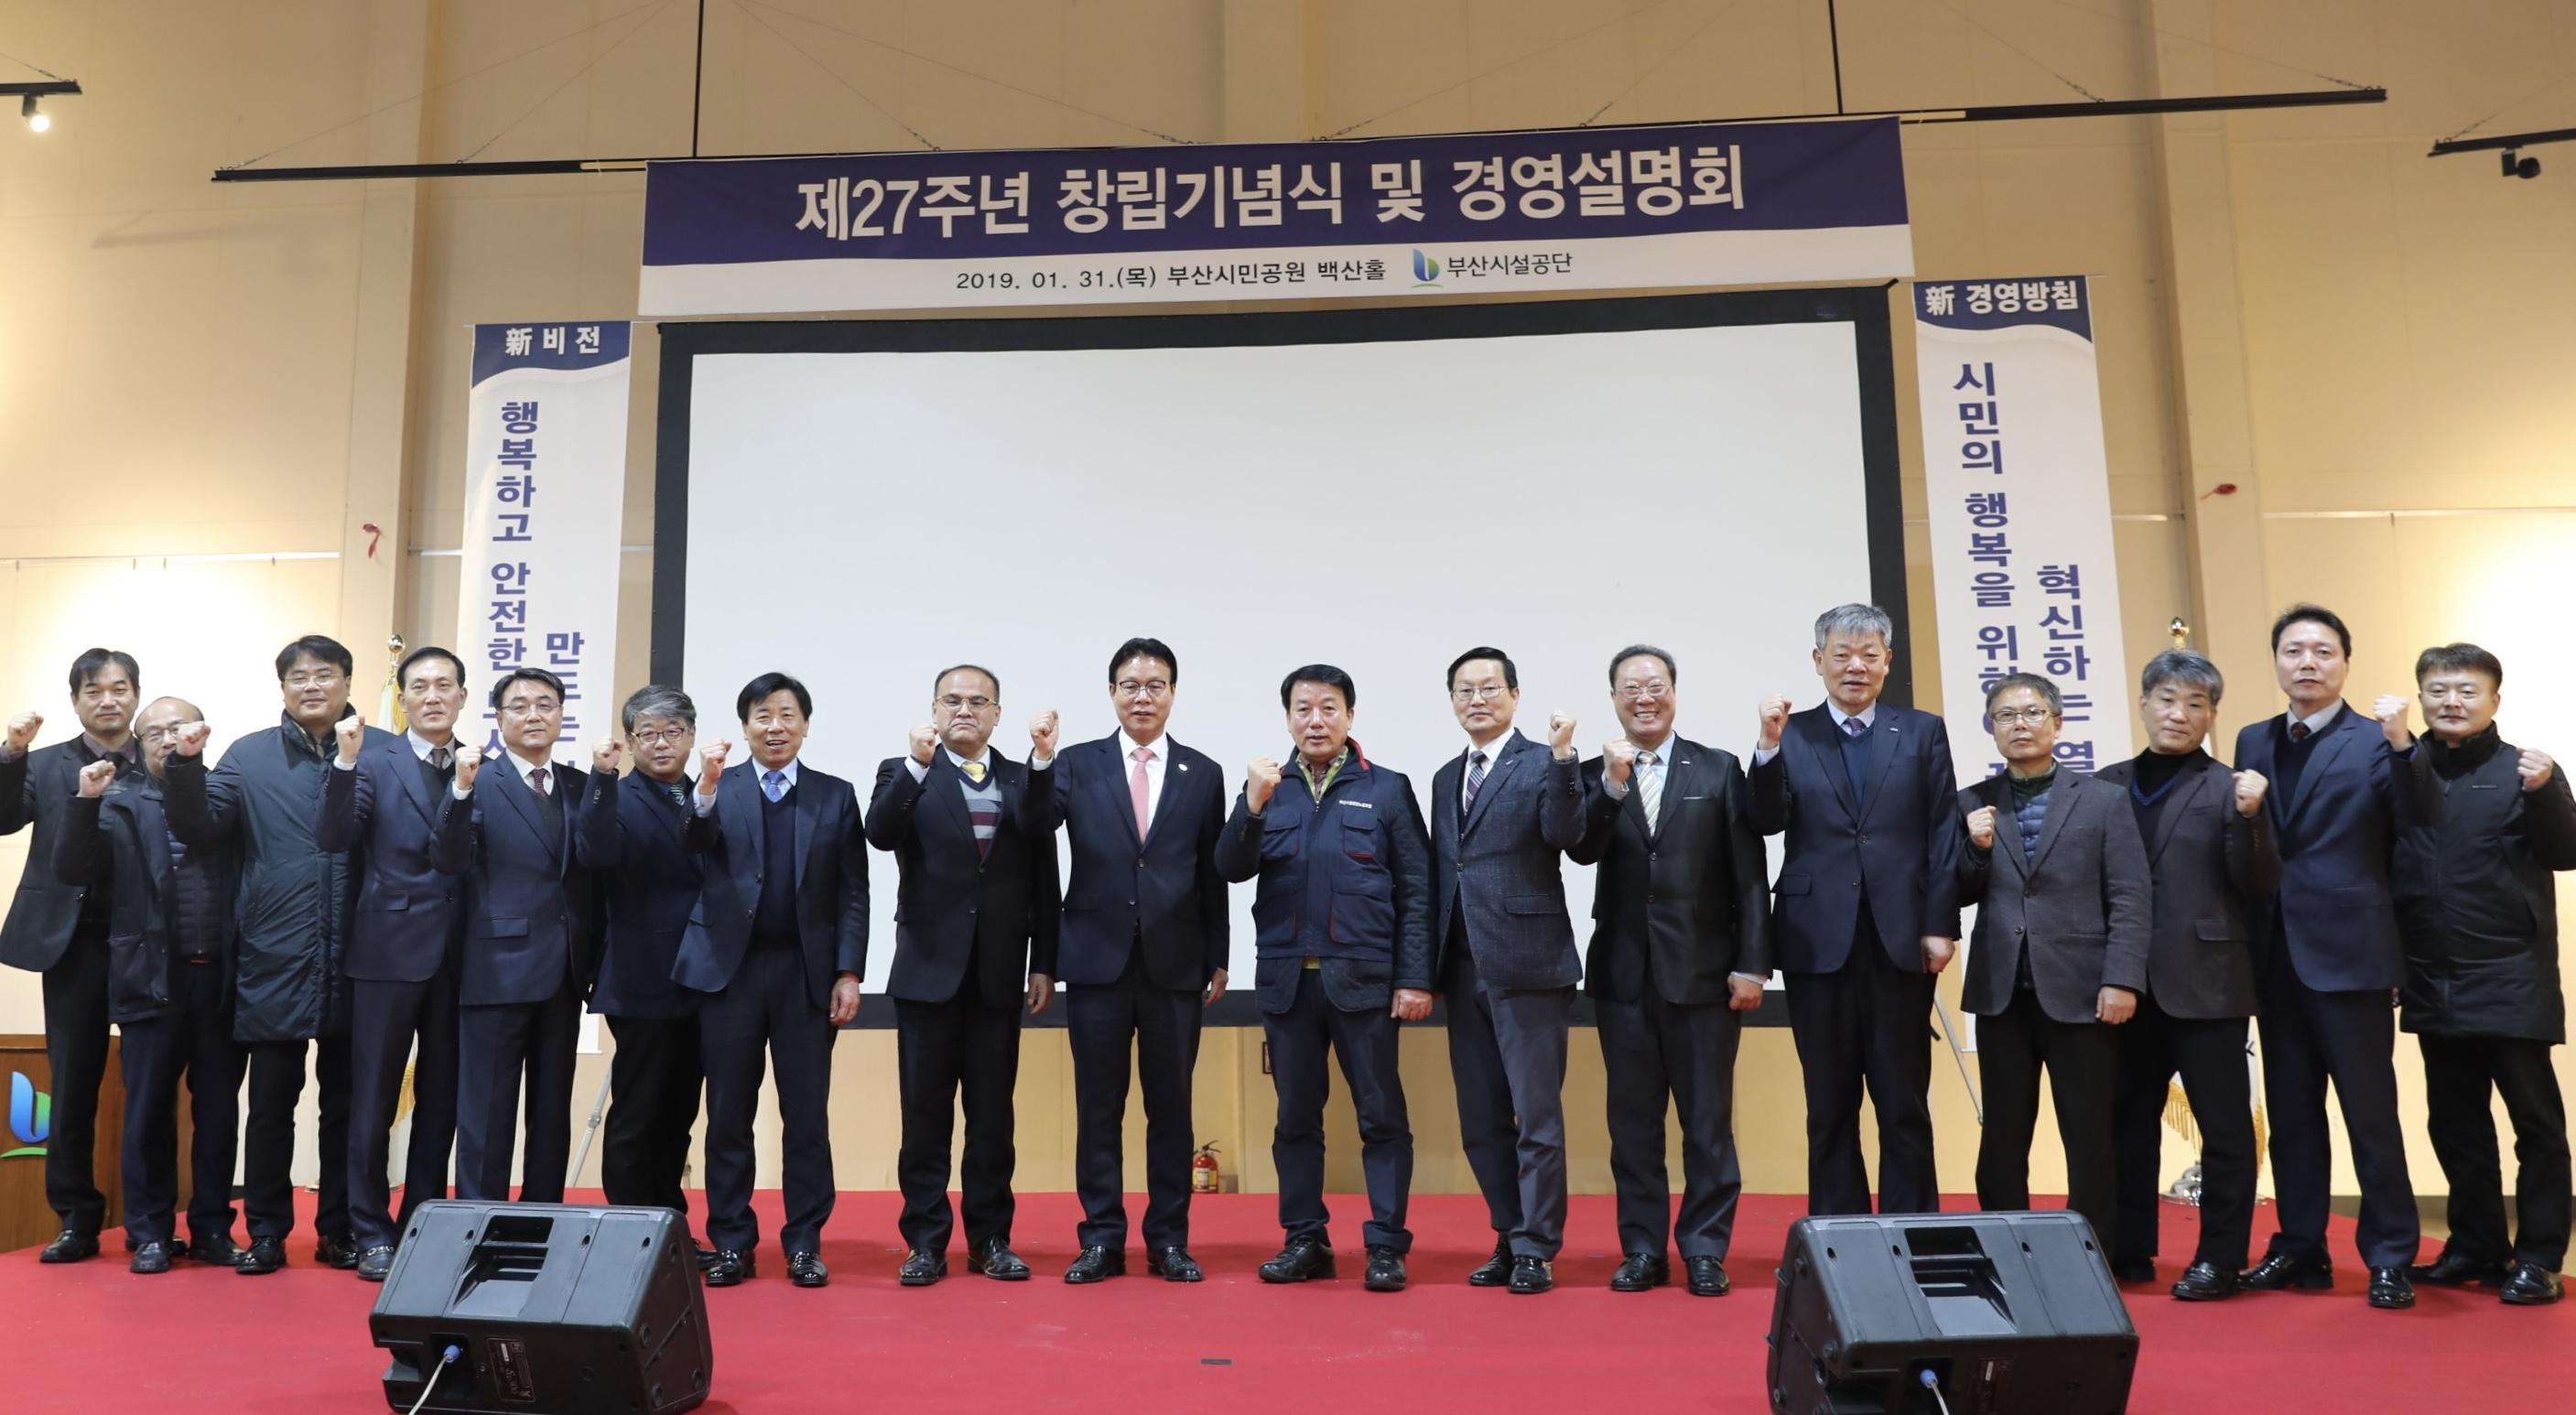 부산시설공단 창립27주년 기념식 및 경영설명회 현장사진7